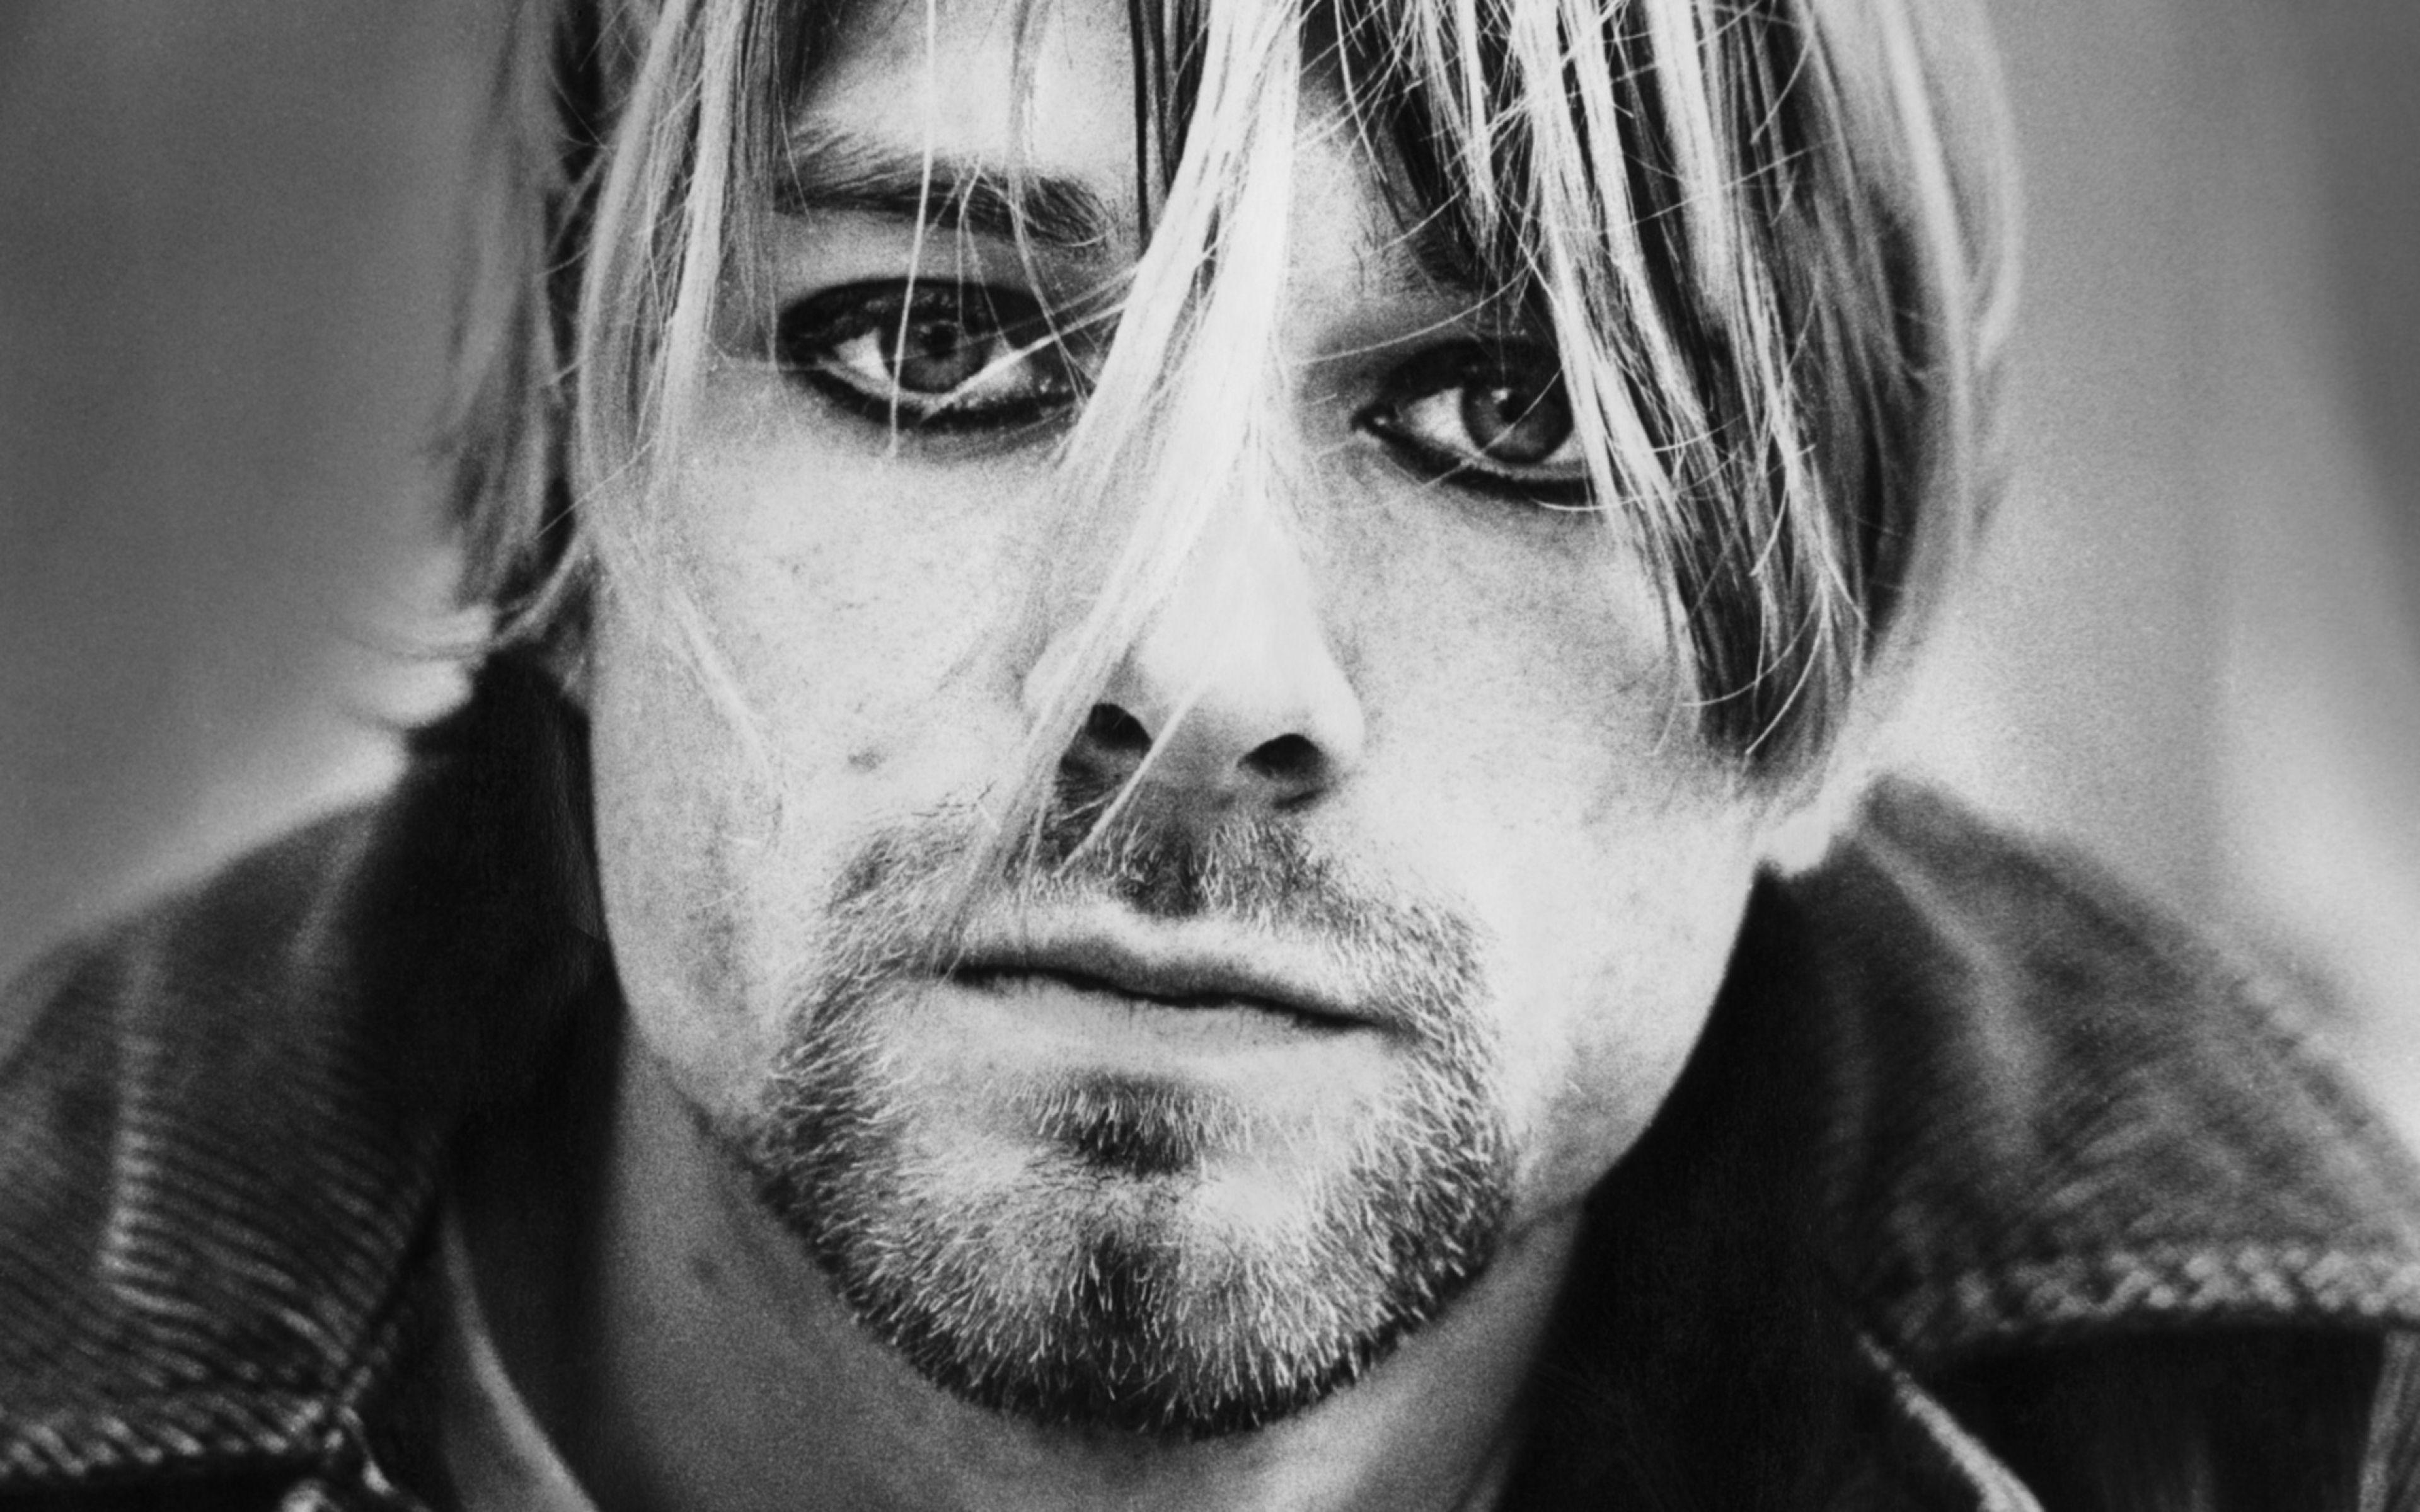 ปักพินในบอร์ด Kurt cobain